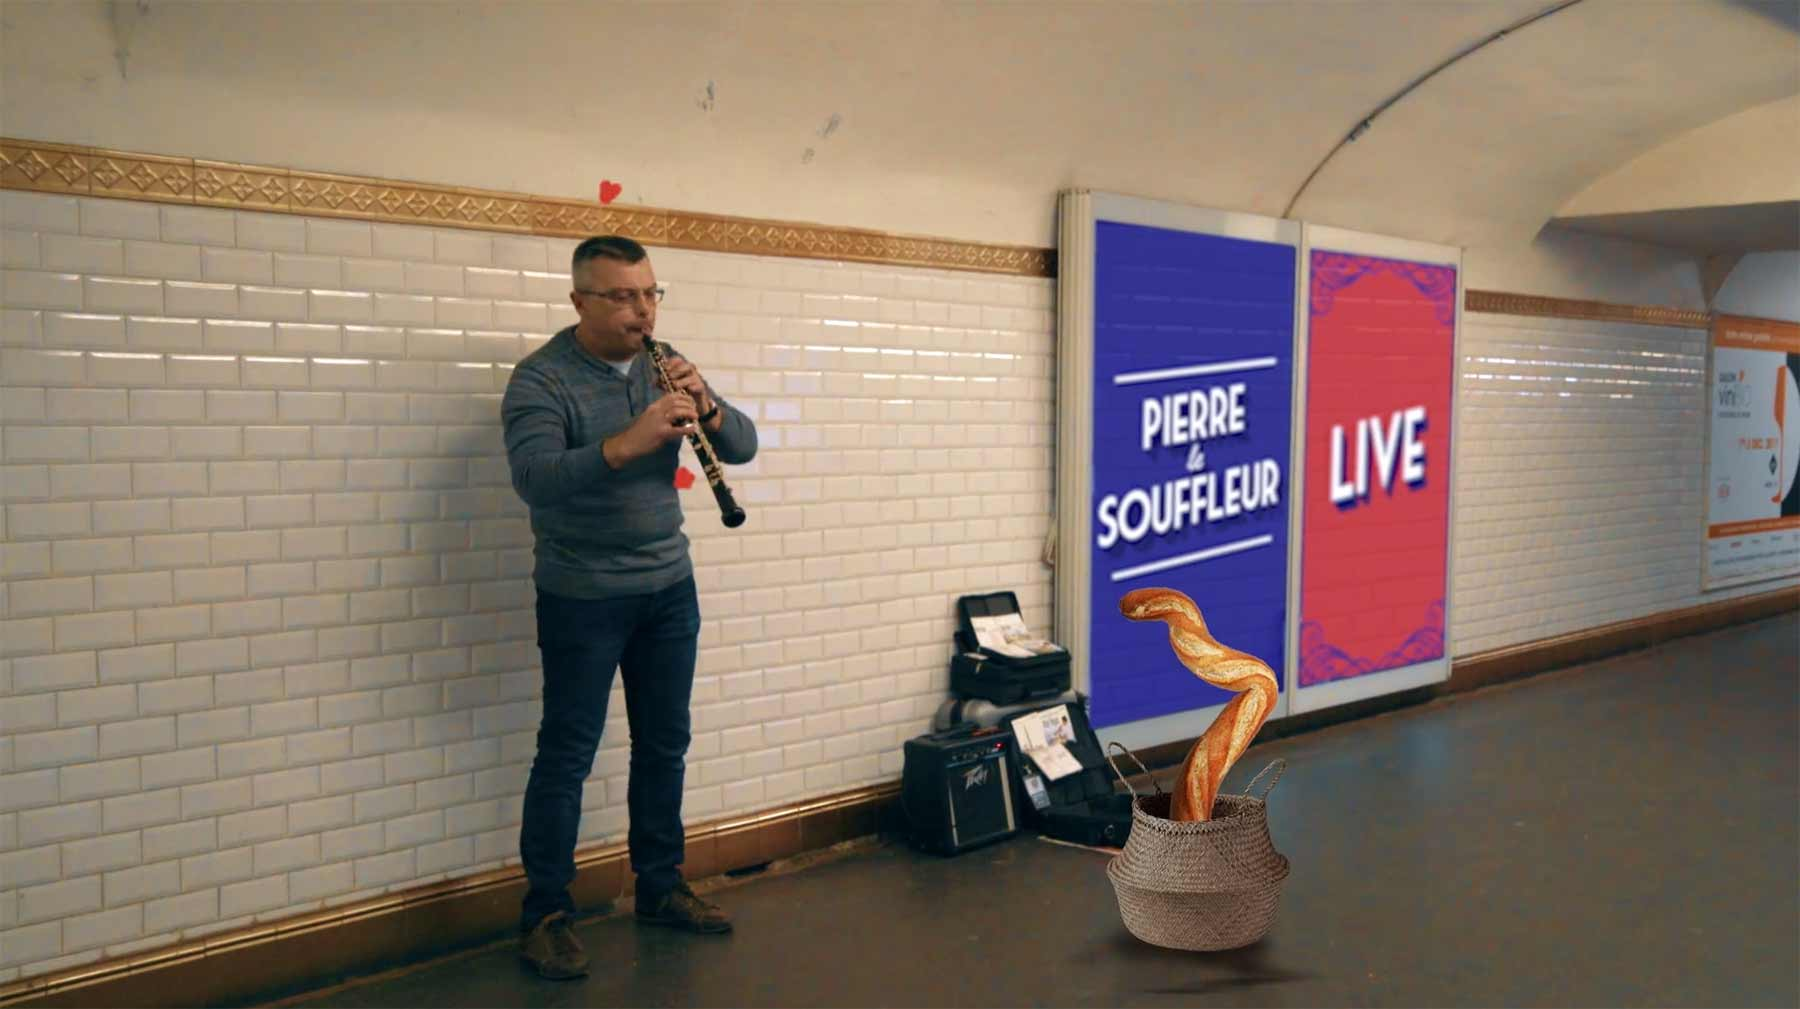 Paris auf herrlich bescheuerte Art kennenlernen PARIS-Guy-Trefler